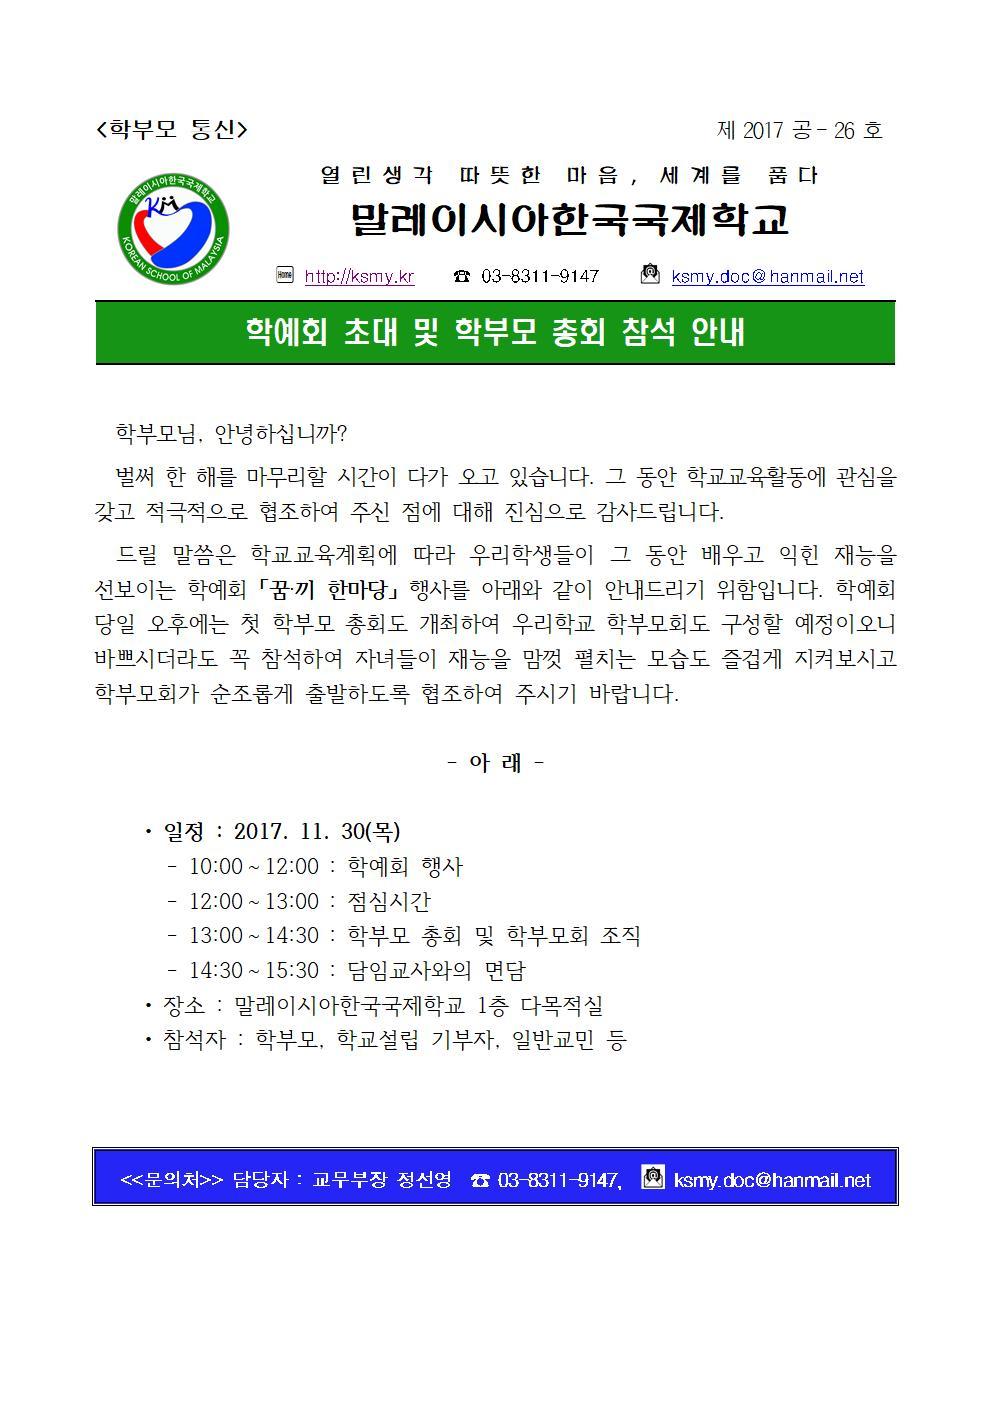 2017 11 06 학예회 안내장_(가정통신문).jpg